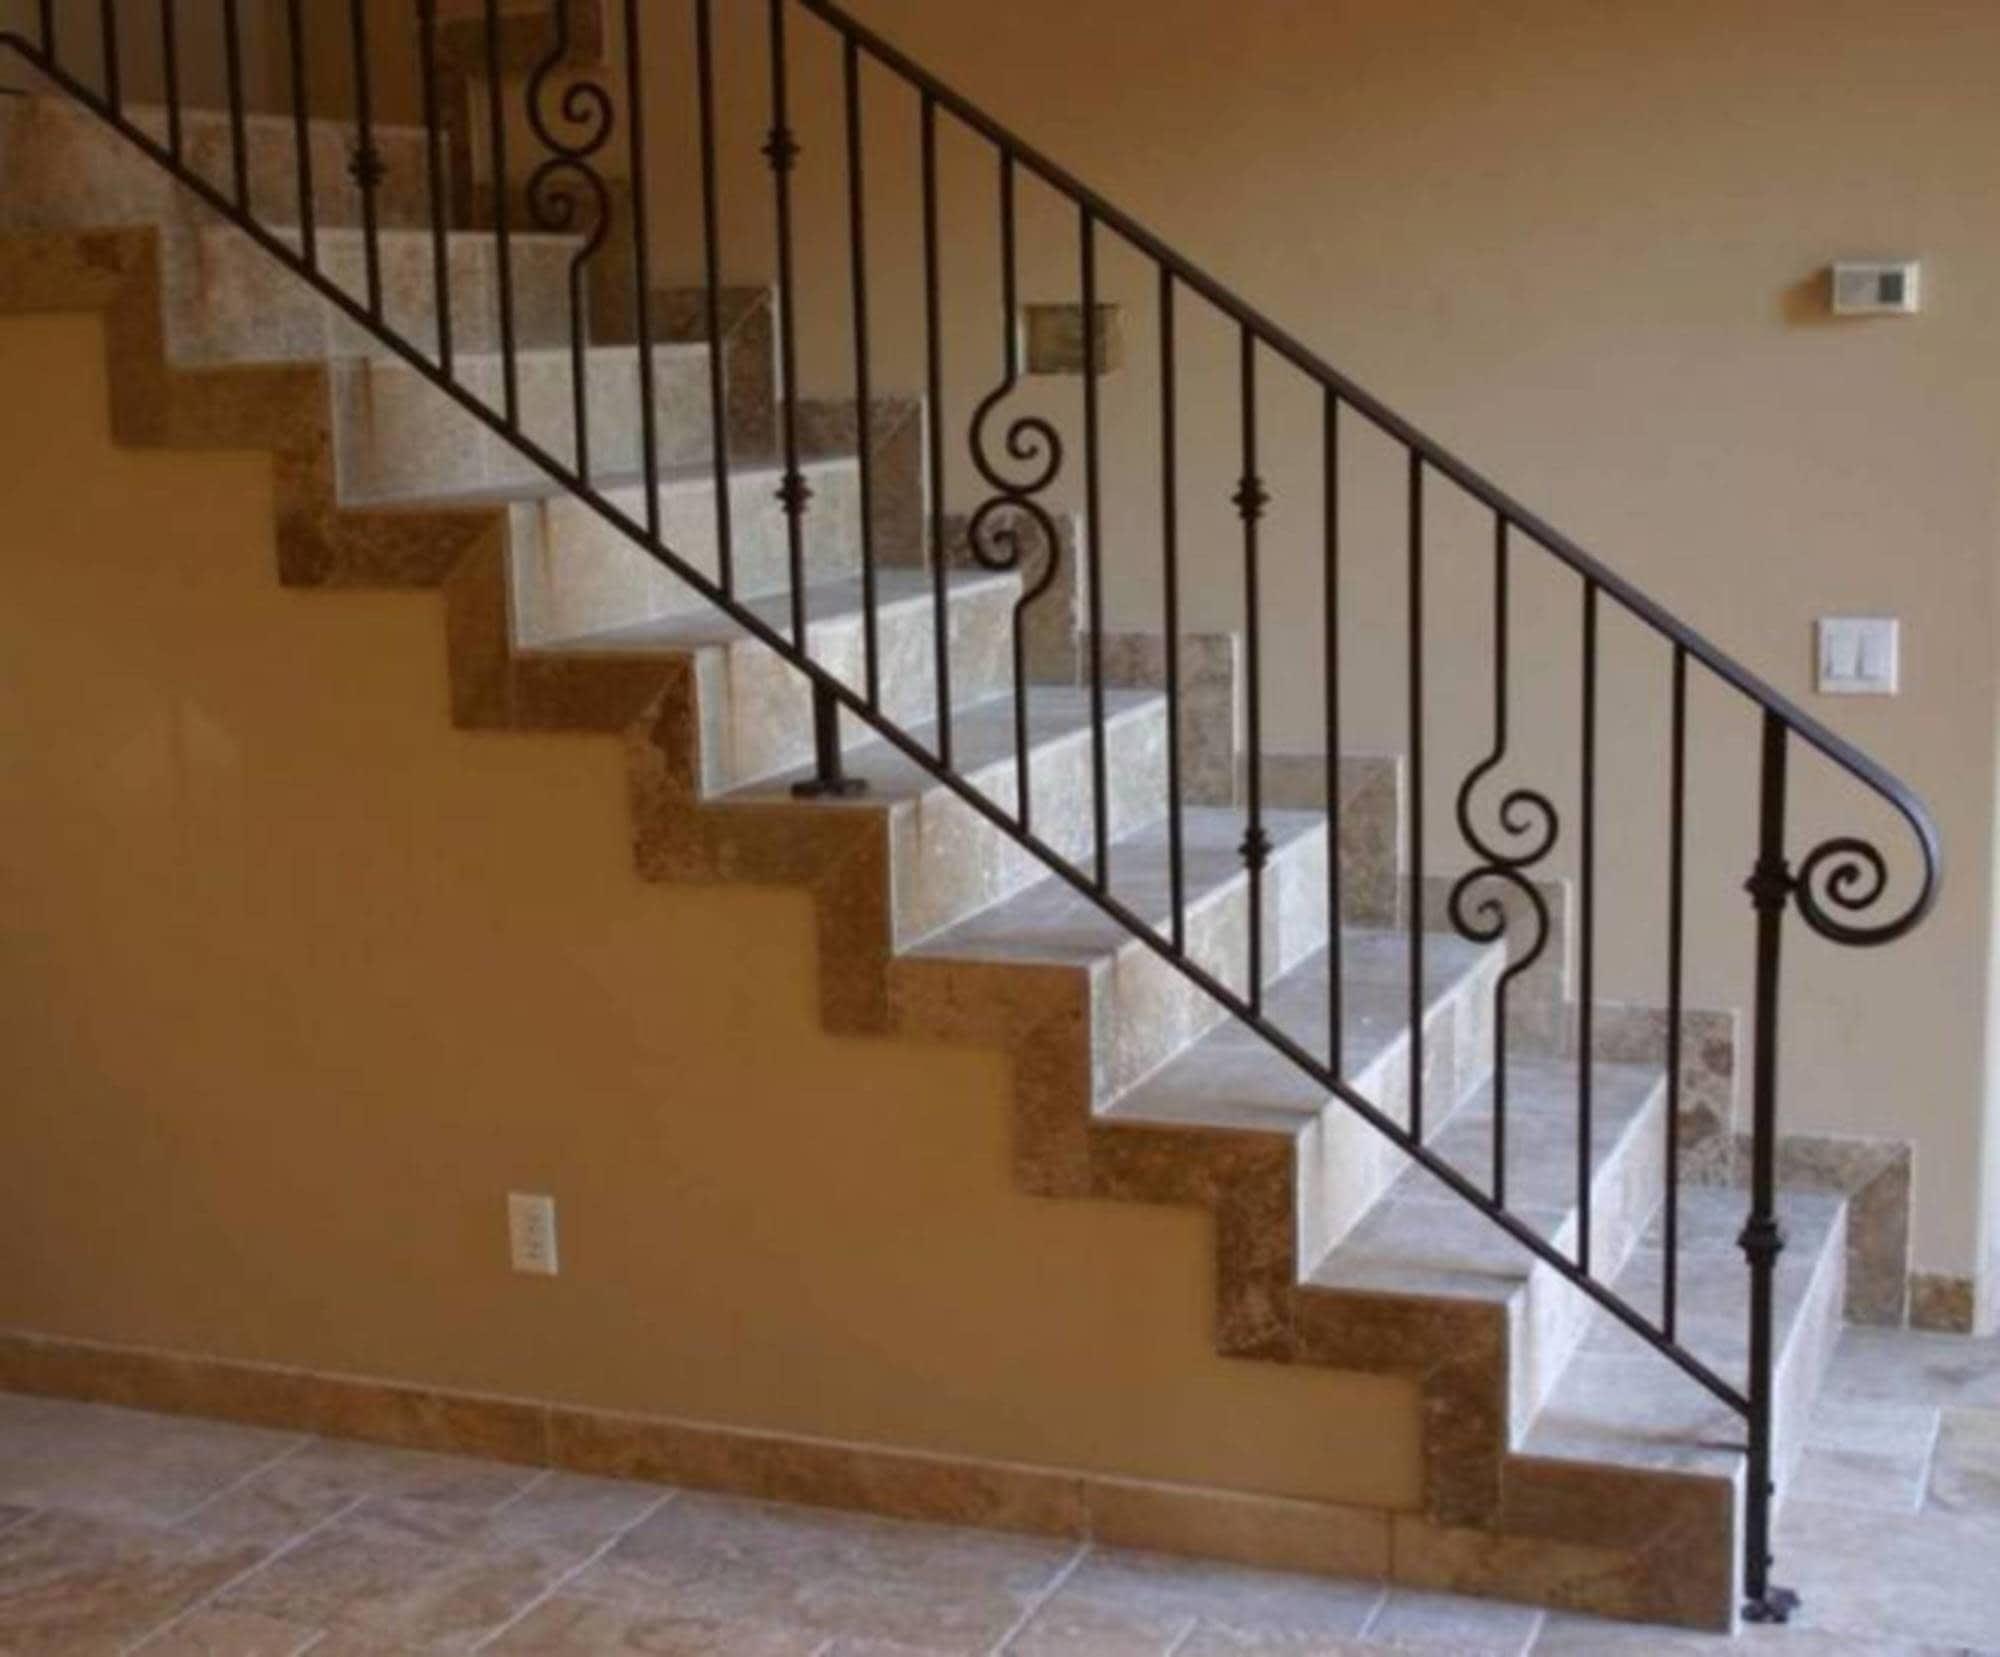 Barandas De Hierro Para Escaleras Interiores Hierro Barandillas Para ...